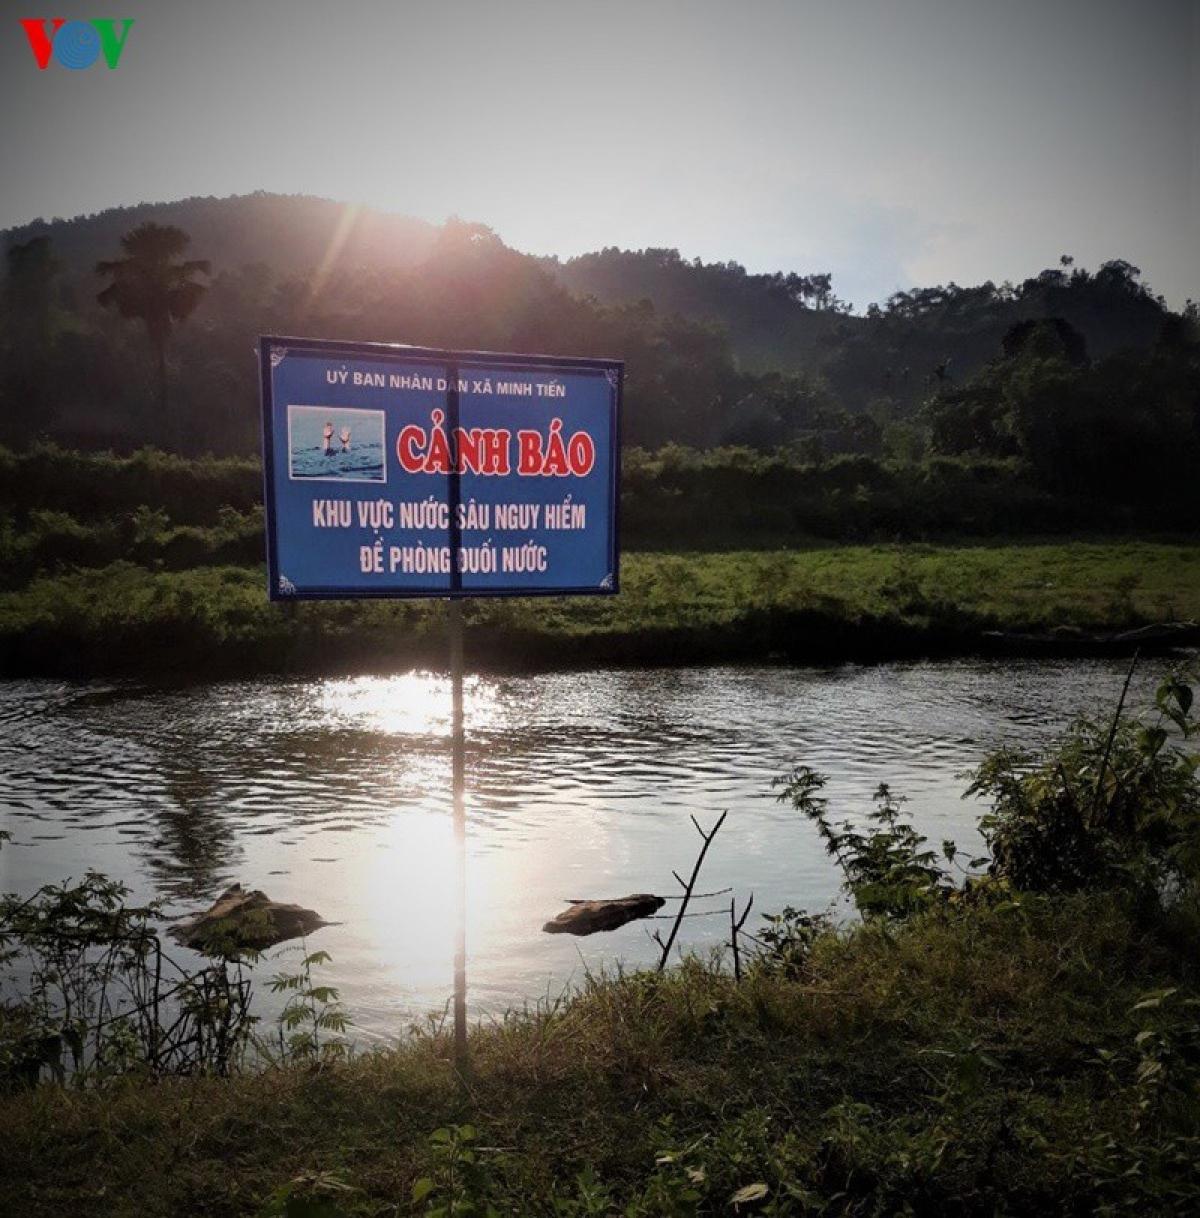 Khu vực nước sạch nhưng nguy hiểm ở xã Minh Tiến được cắm biển cảnh báo đề phòng đuối nước.